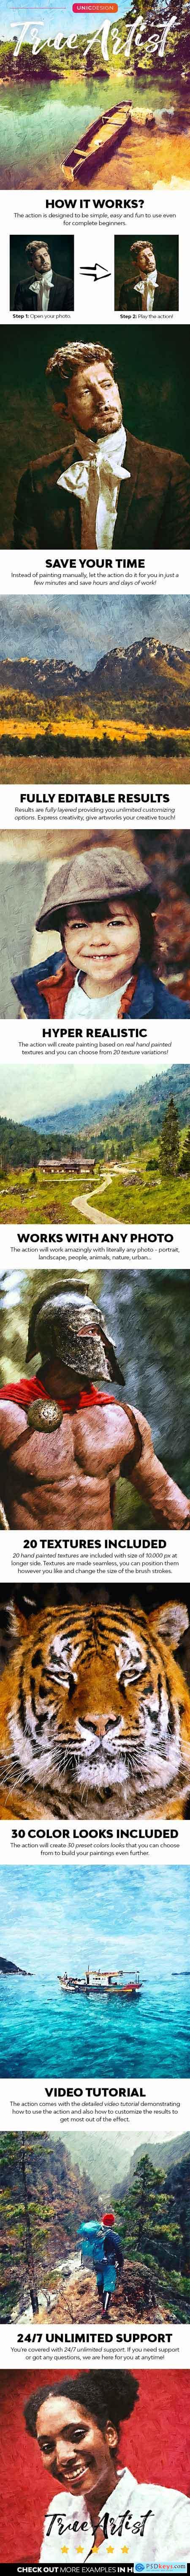 True Artist Photoshop Action 28413190